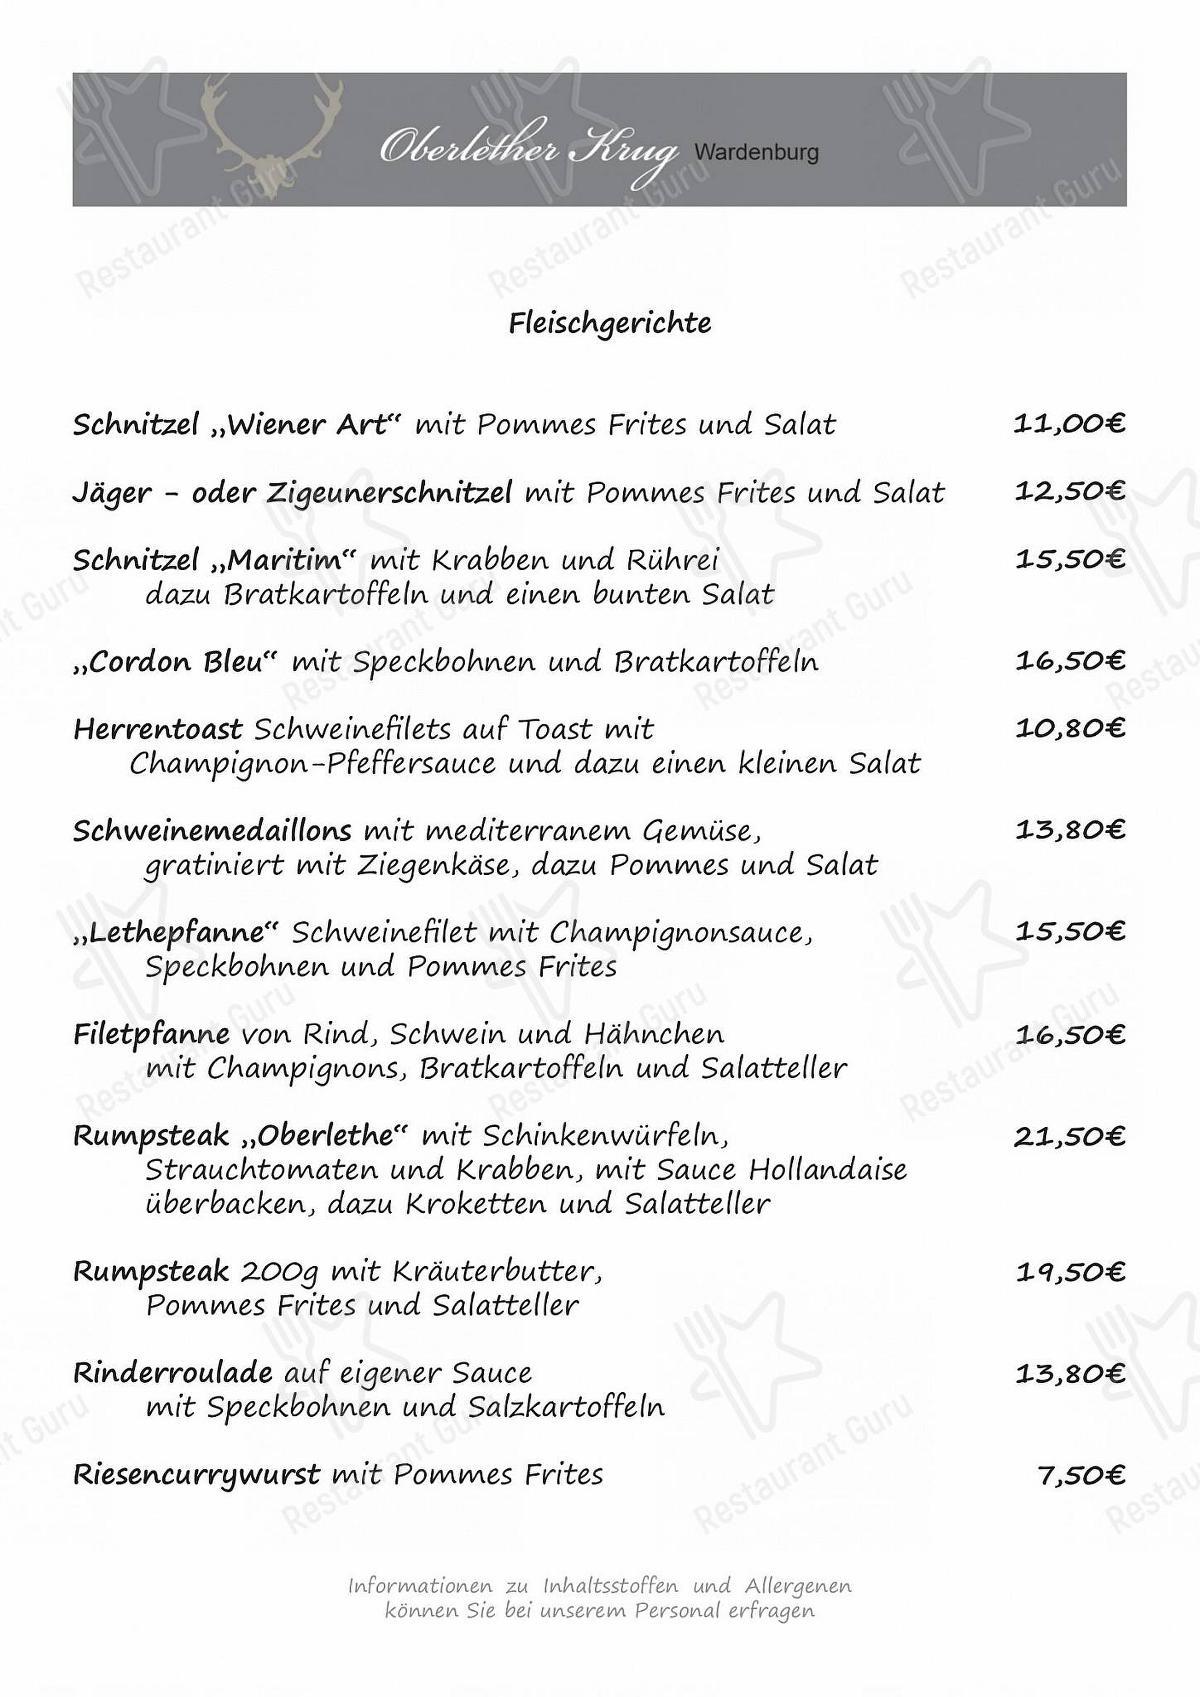 Oberlether Krug Speisekarte - Essen und Getränke